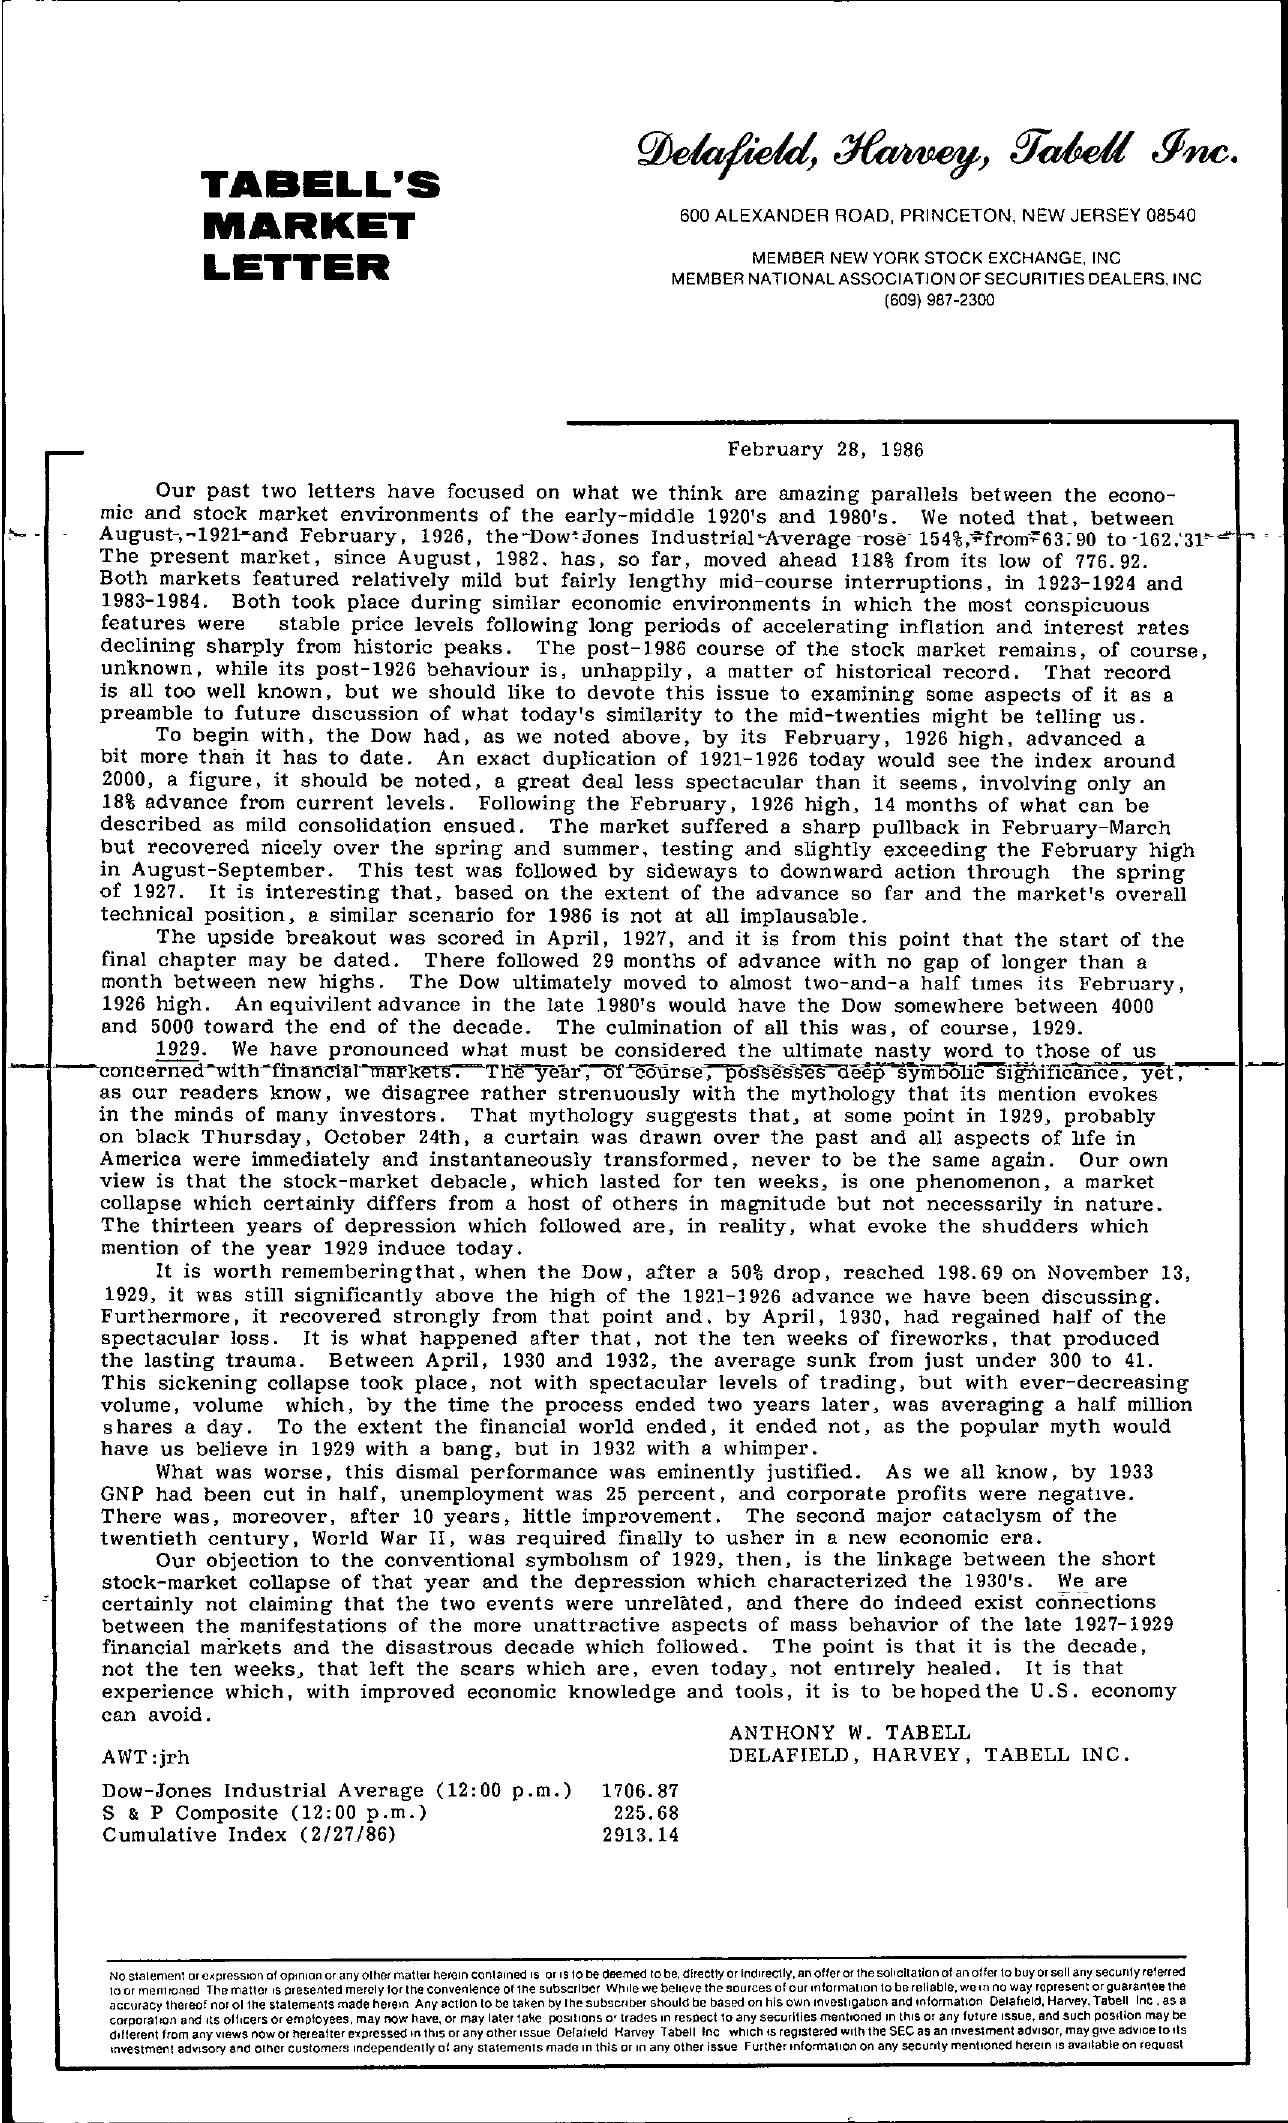 Tabell's Market Letter - February 28, 1986